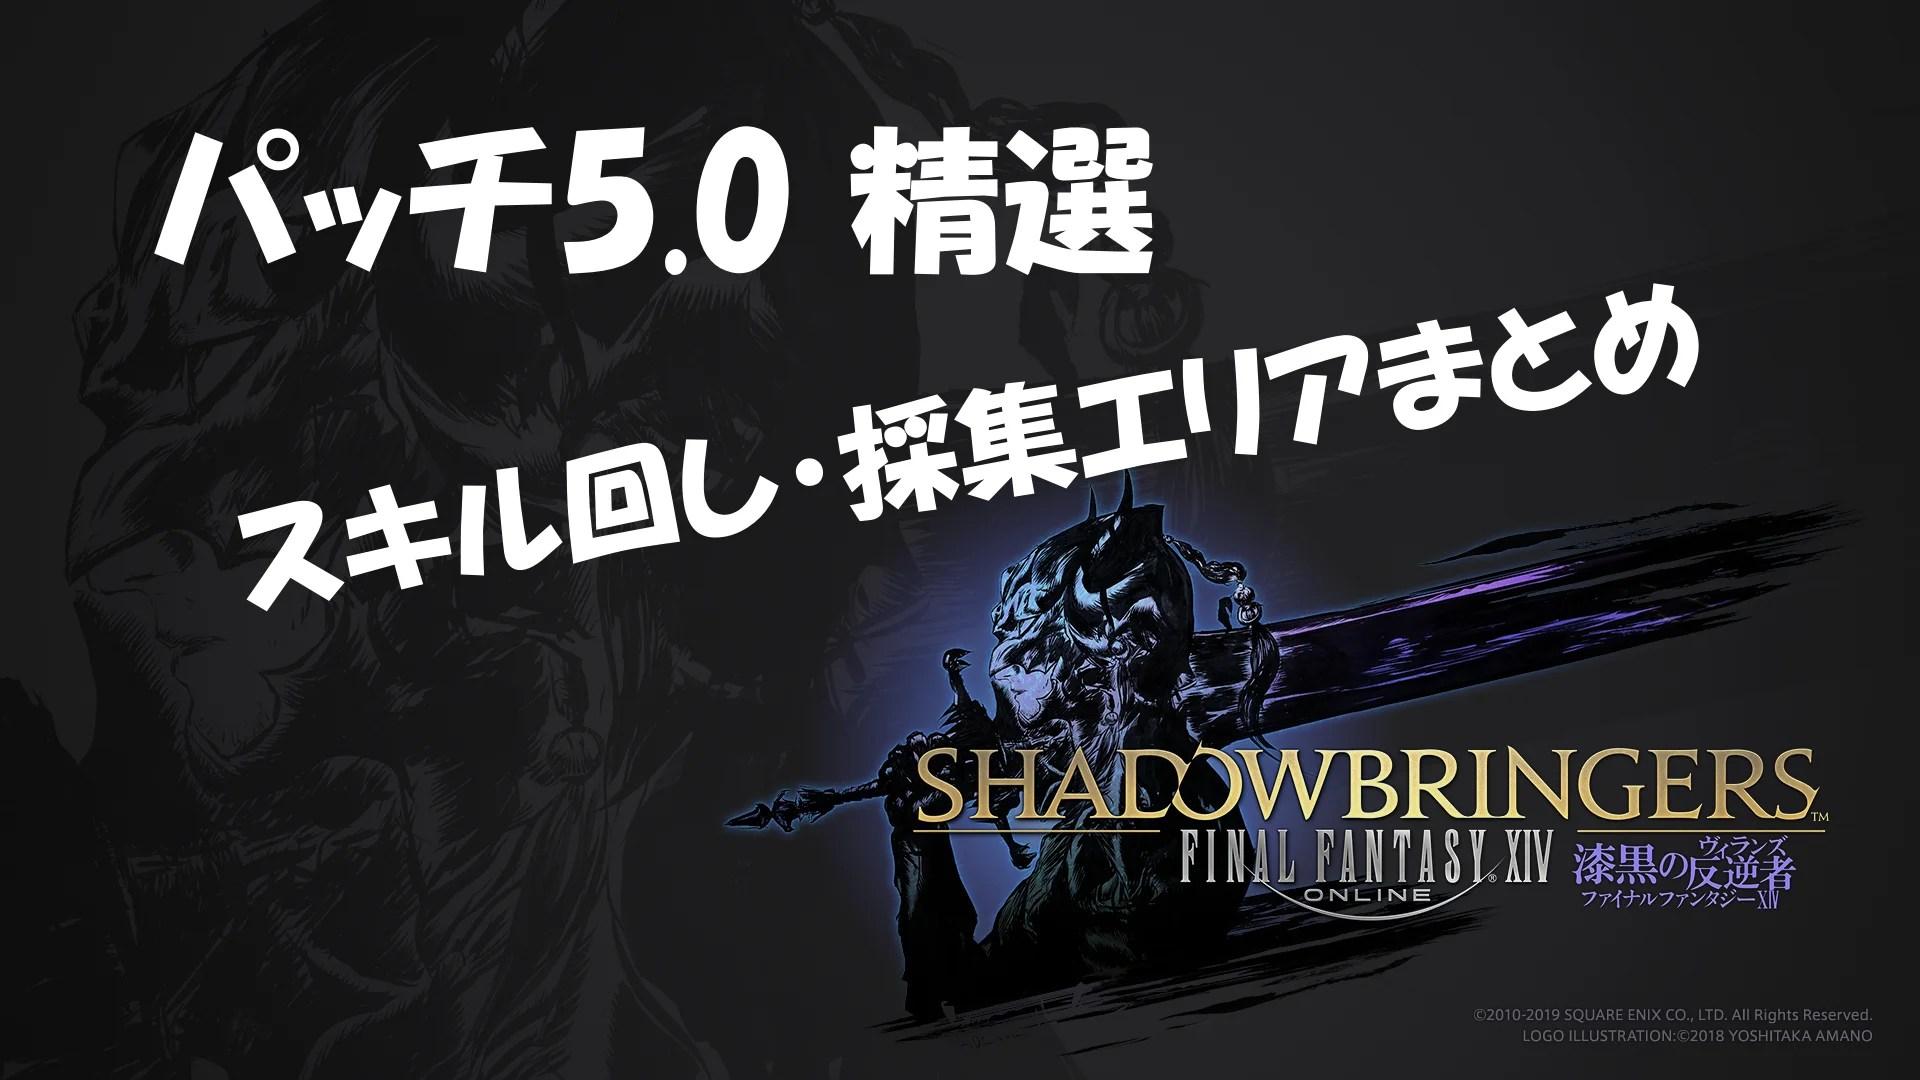 【FF14】パッチ5.0精選、スキル回し・採集エリアまとめ【ファイナルファンタジーXIV】